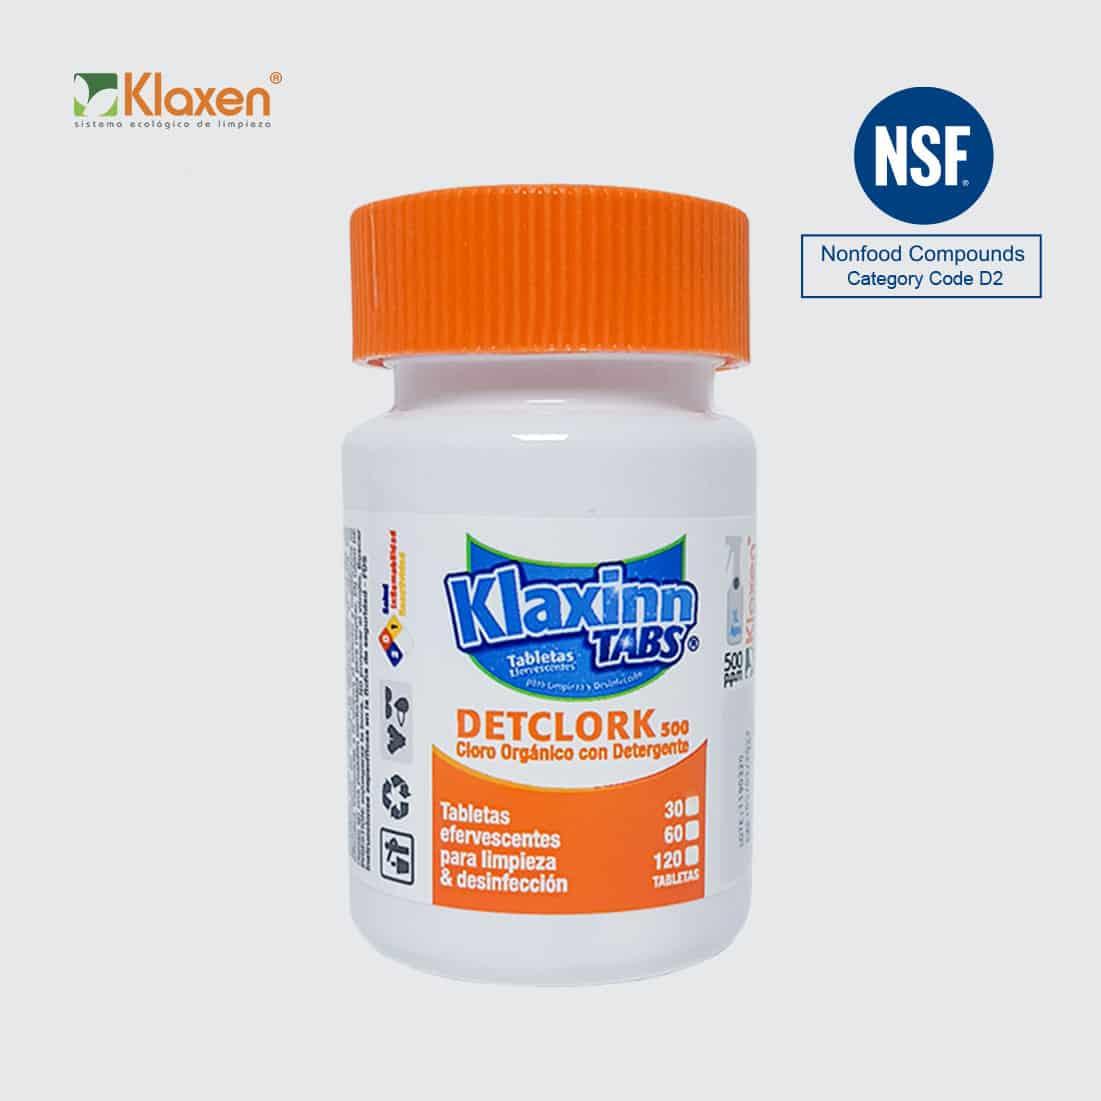 Klaxinn Tabs 500ppm – desinfectante en tabletas de cloro orgánico